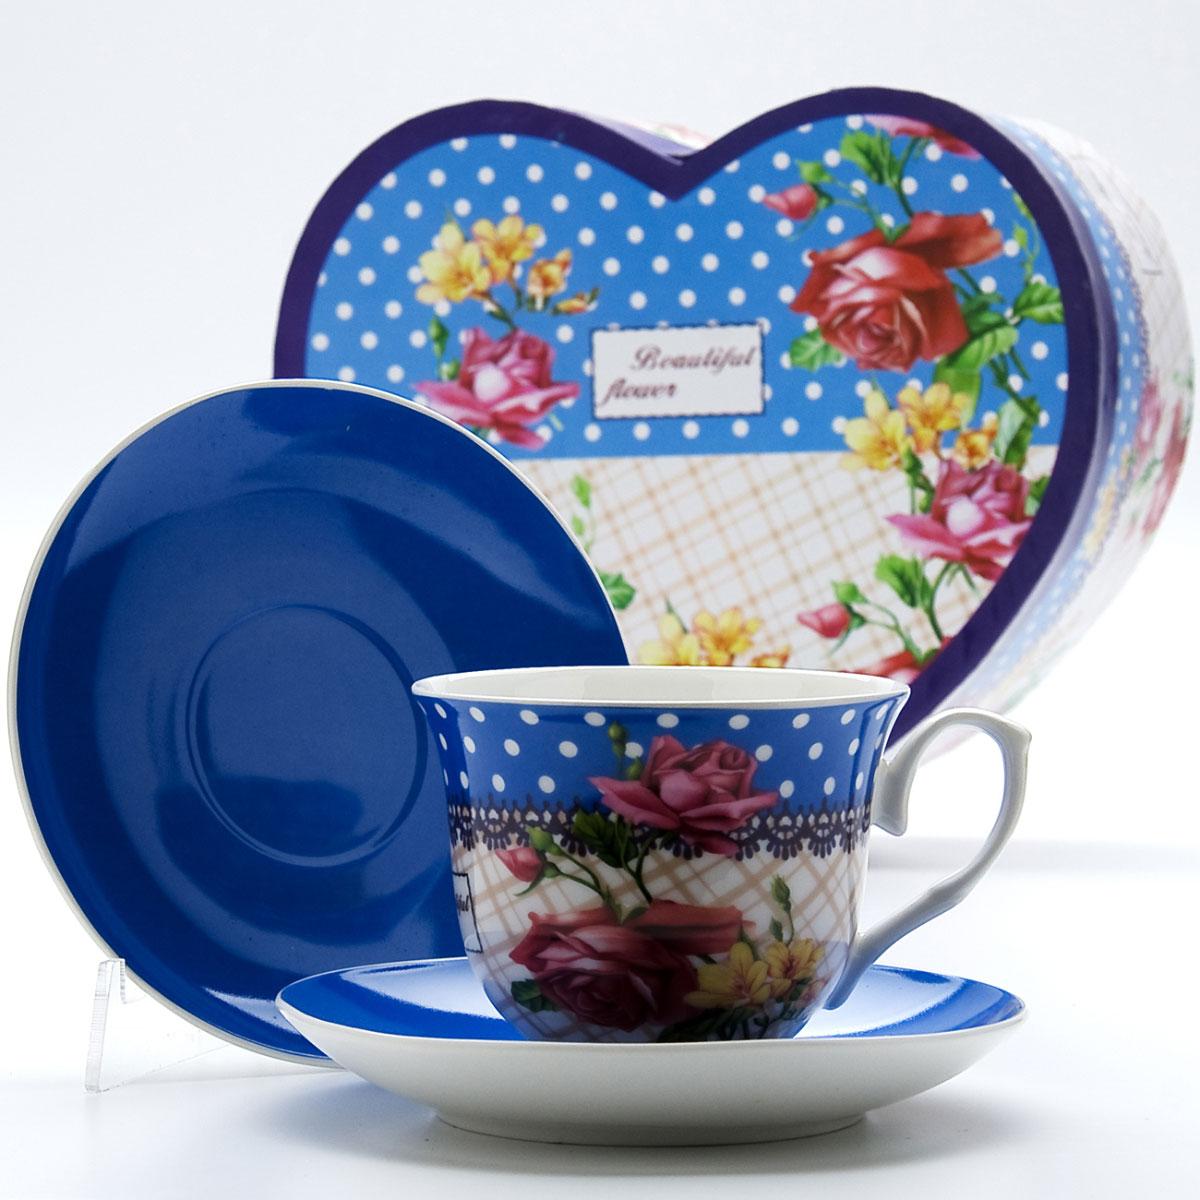 Чайная пара Mayer & Boch Букет, 4 предмета. 2299122991Этот чайный набор, выполненный из высококачественного костяного фарфора, состоит из двух чашек и двух блюдец. Предметы набора оформлены ярким изображением цветов. Изящный дизайн и красочность оформления придутся по вкусу и ценителям классики, и тем, кто предпочитает утонченность и изысканность. Чайный набор - идеальный и необходимый подарок для вашего дома и для ваших друзей в праздники, юбилеи и торжества! Он также станет отличным корпоративным подарком и украшением любой кухни. Чайный набор упакован в подарочную коробку в форме сердца из плотного цветного картона. Внутренняя часть коробки задрапирована белым атласом.